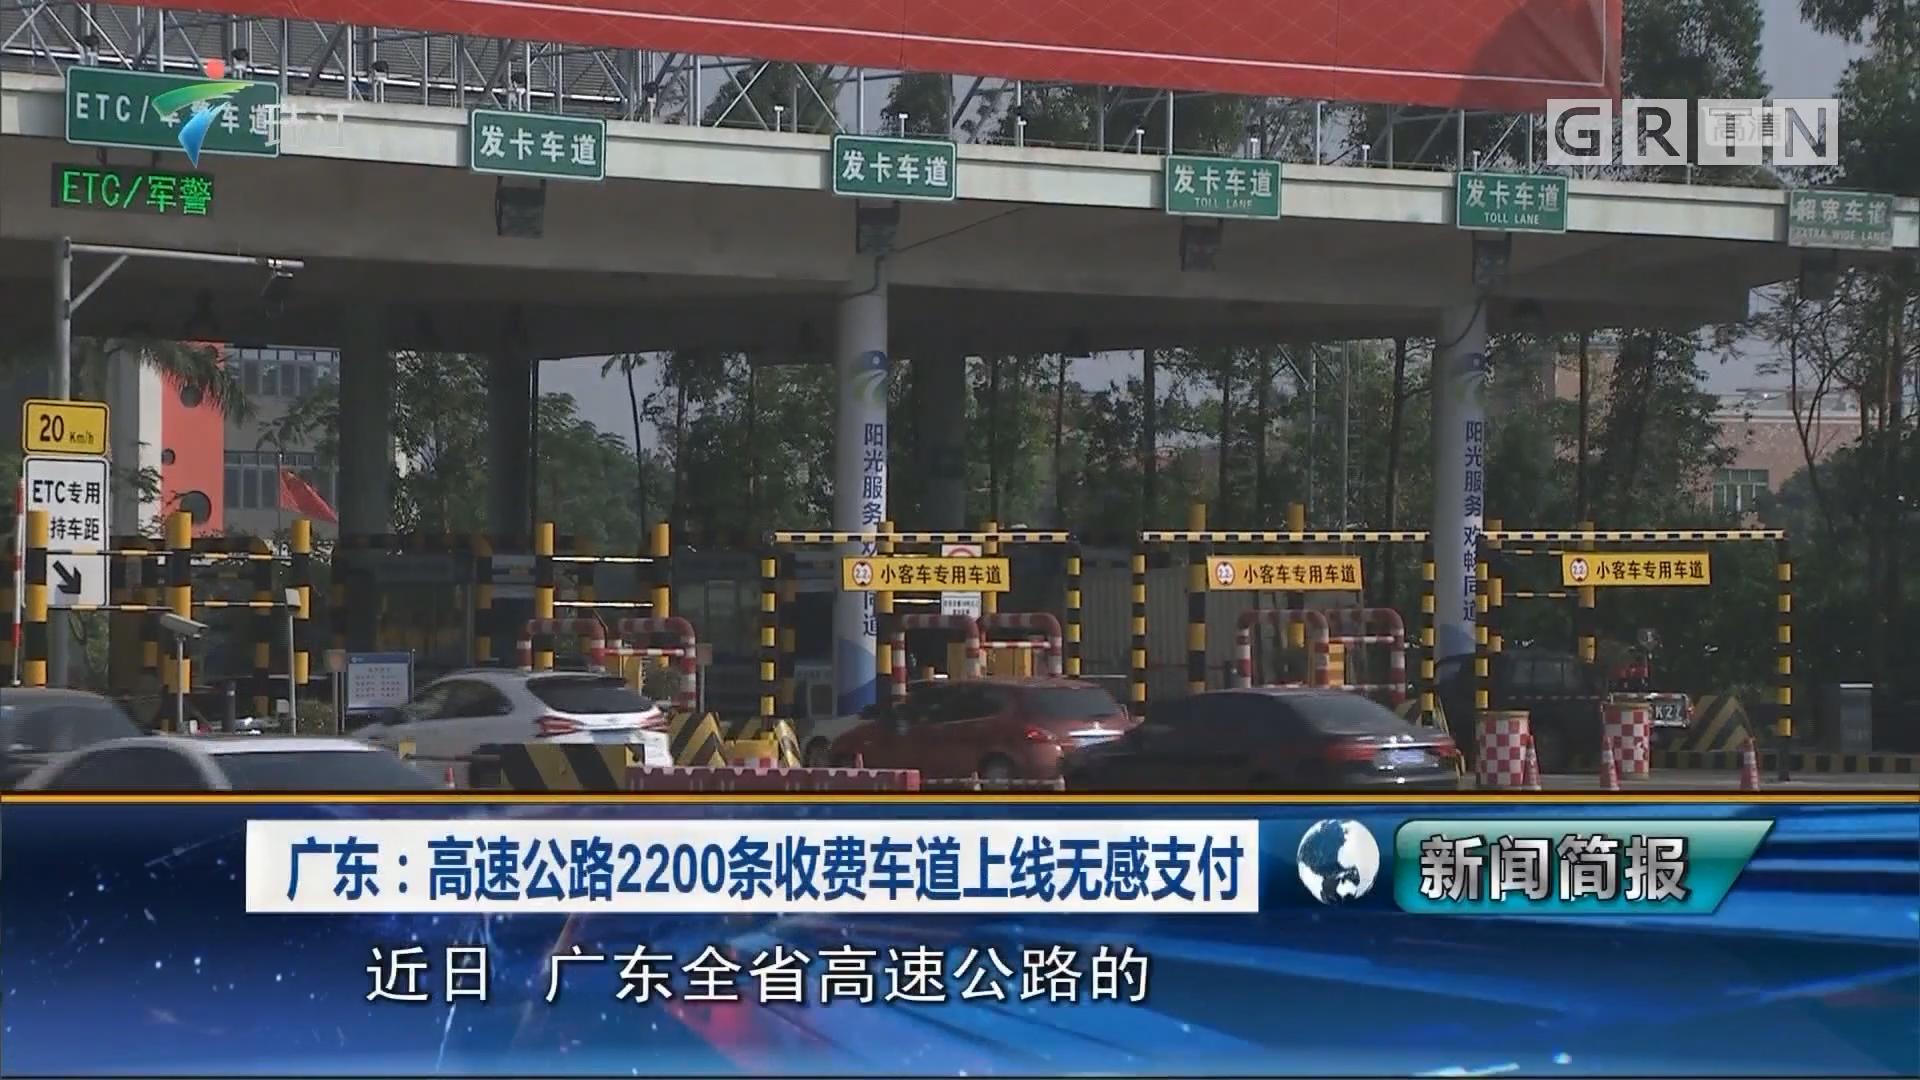 广东:高速公路2200条收费车道上线无感支付